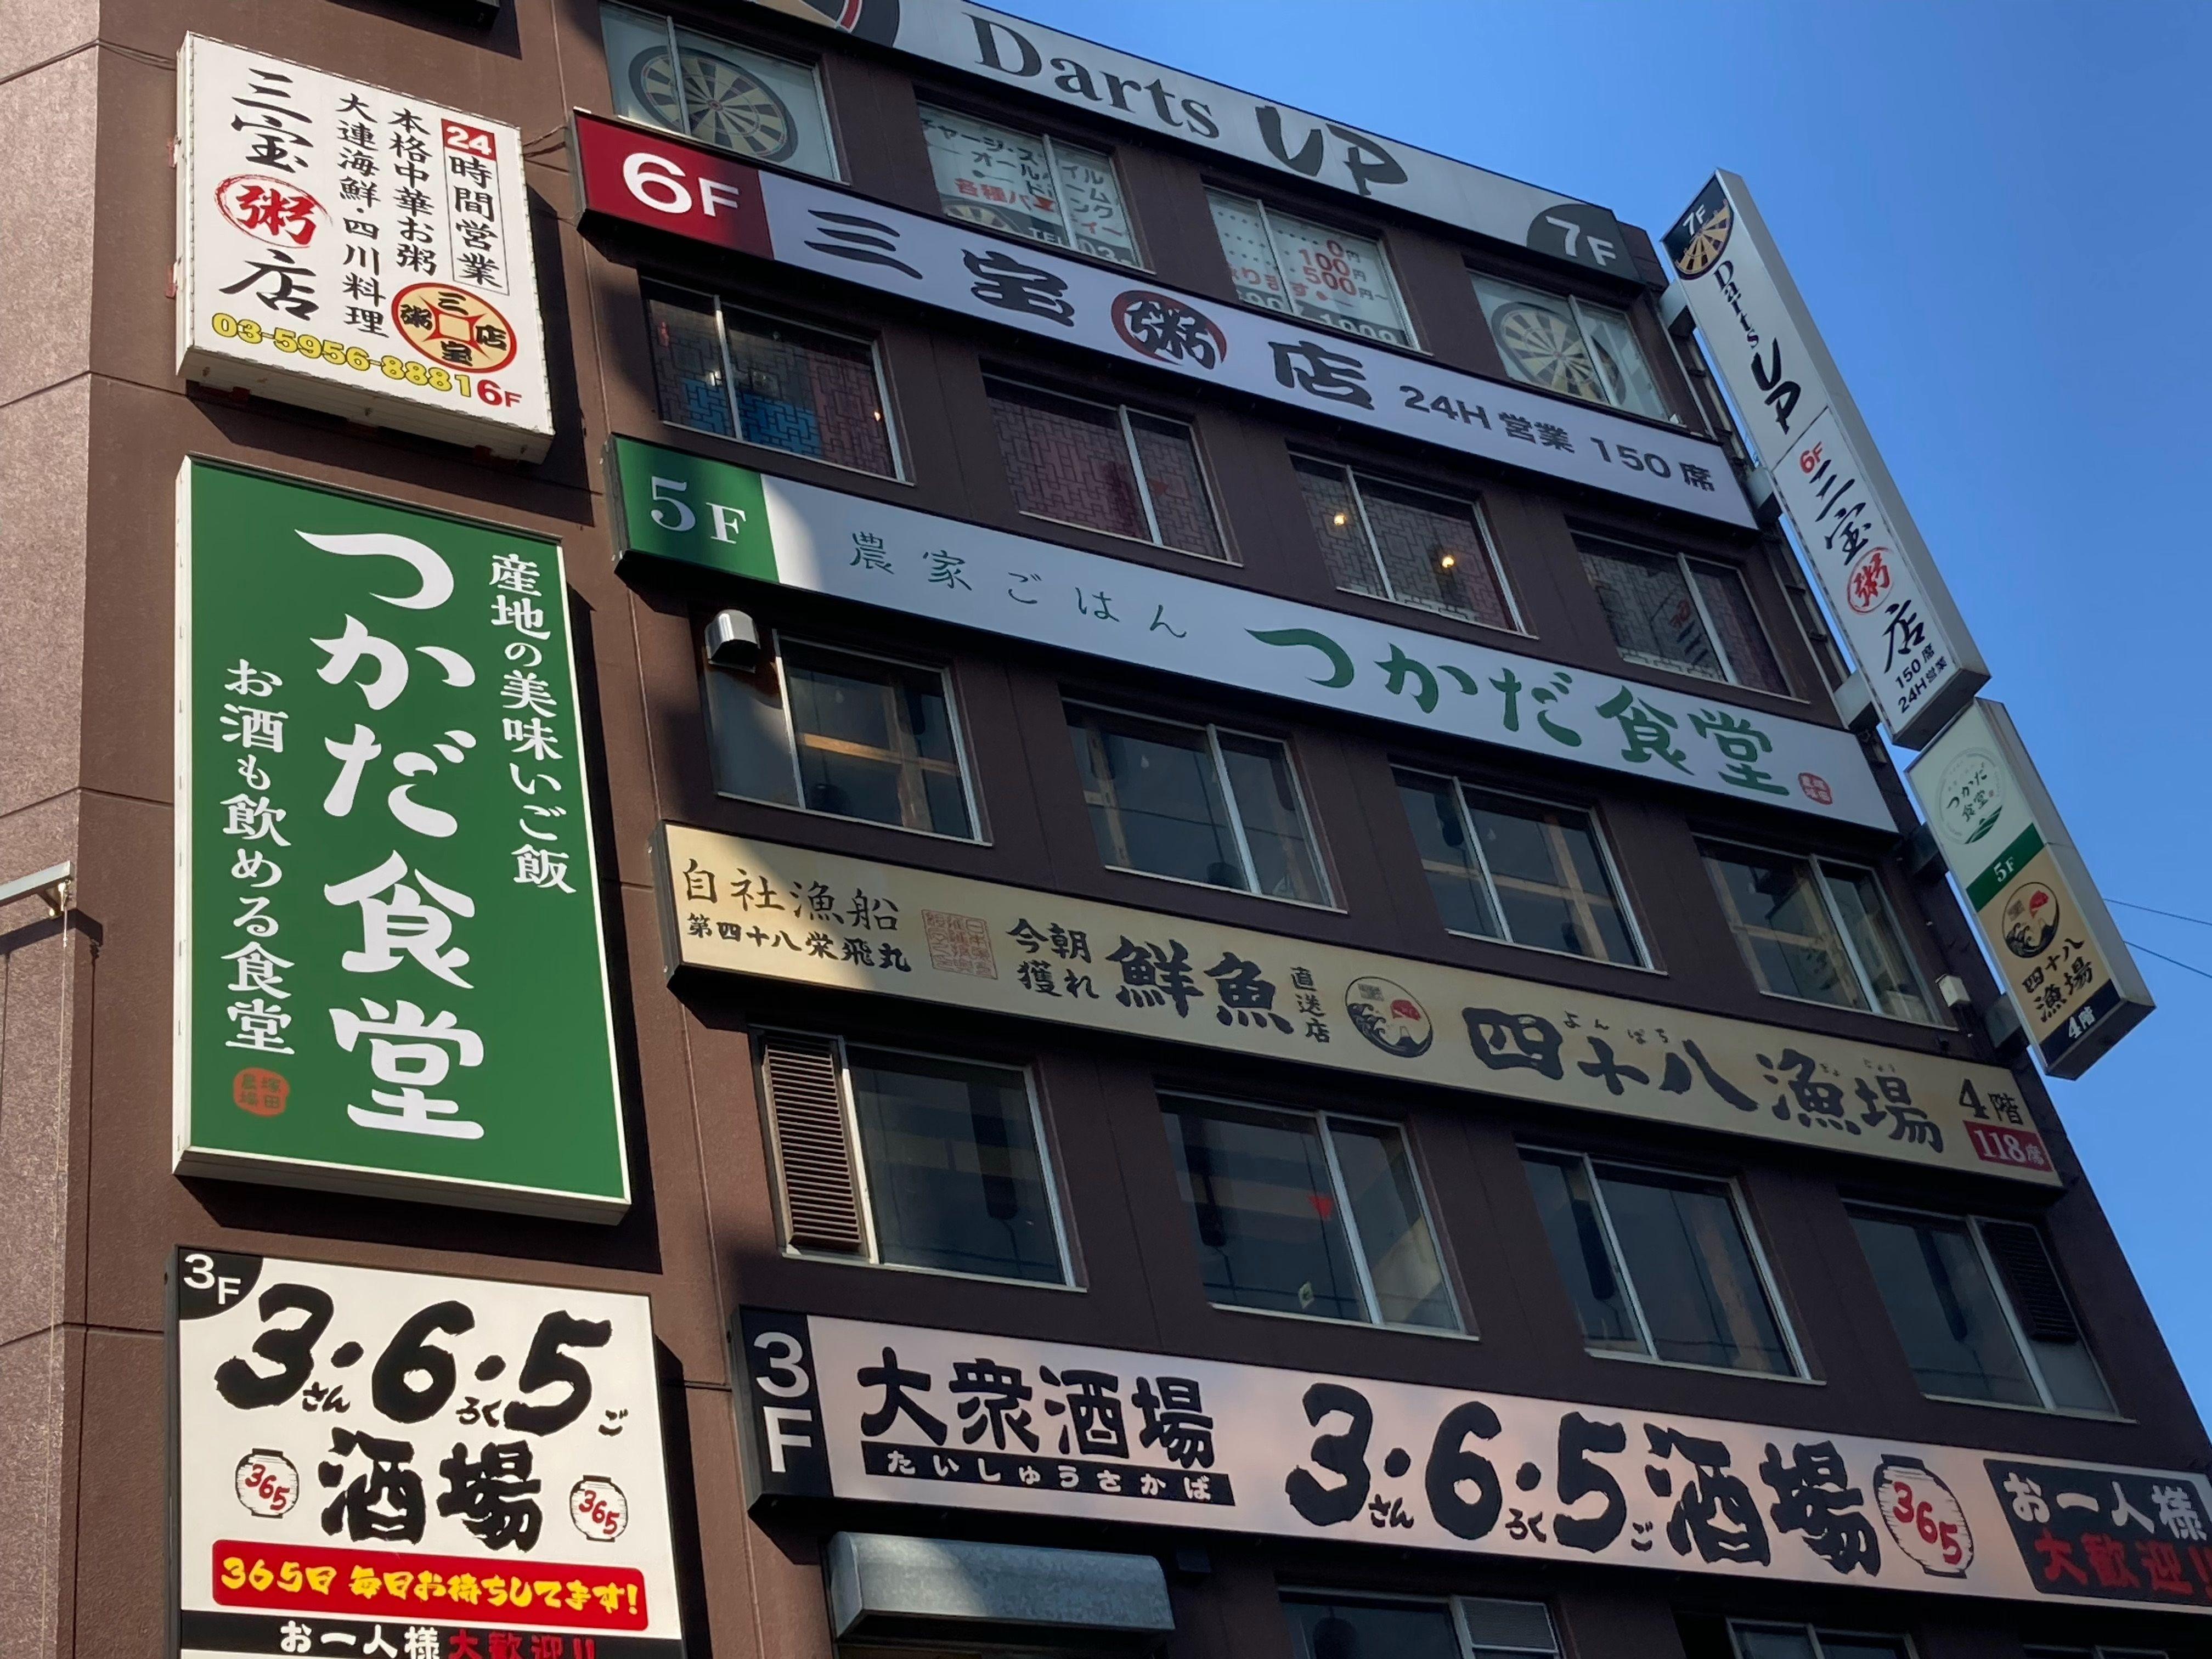 債務超過寸前の塚田農場、本社機能を店舗跡に移して苦肉の経費削減策